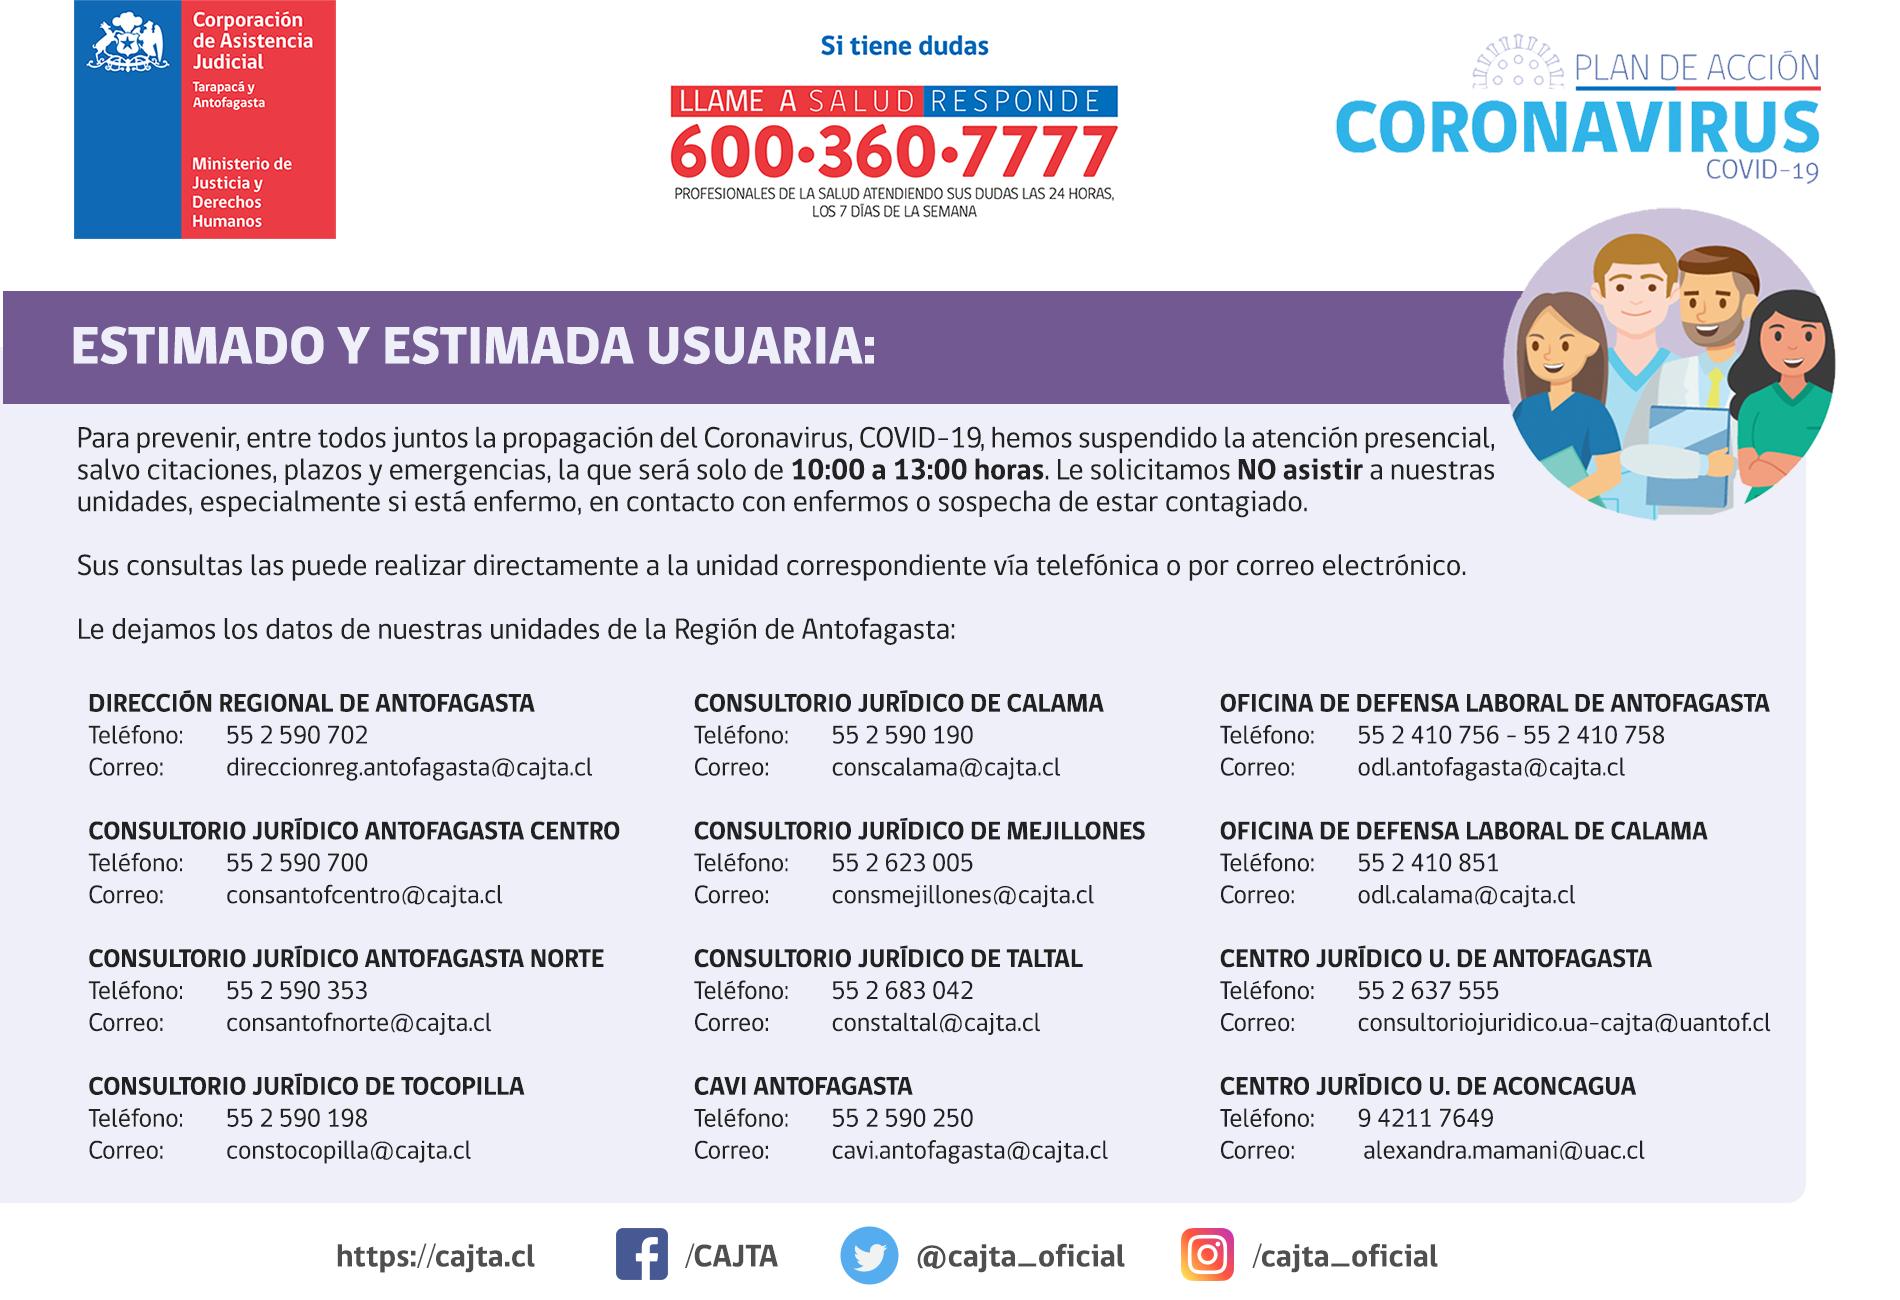 Región de Antofagasta - Informa suspesión de las atenciones presenciales